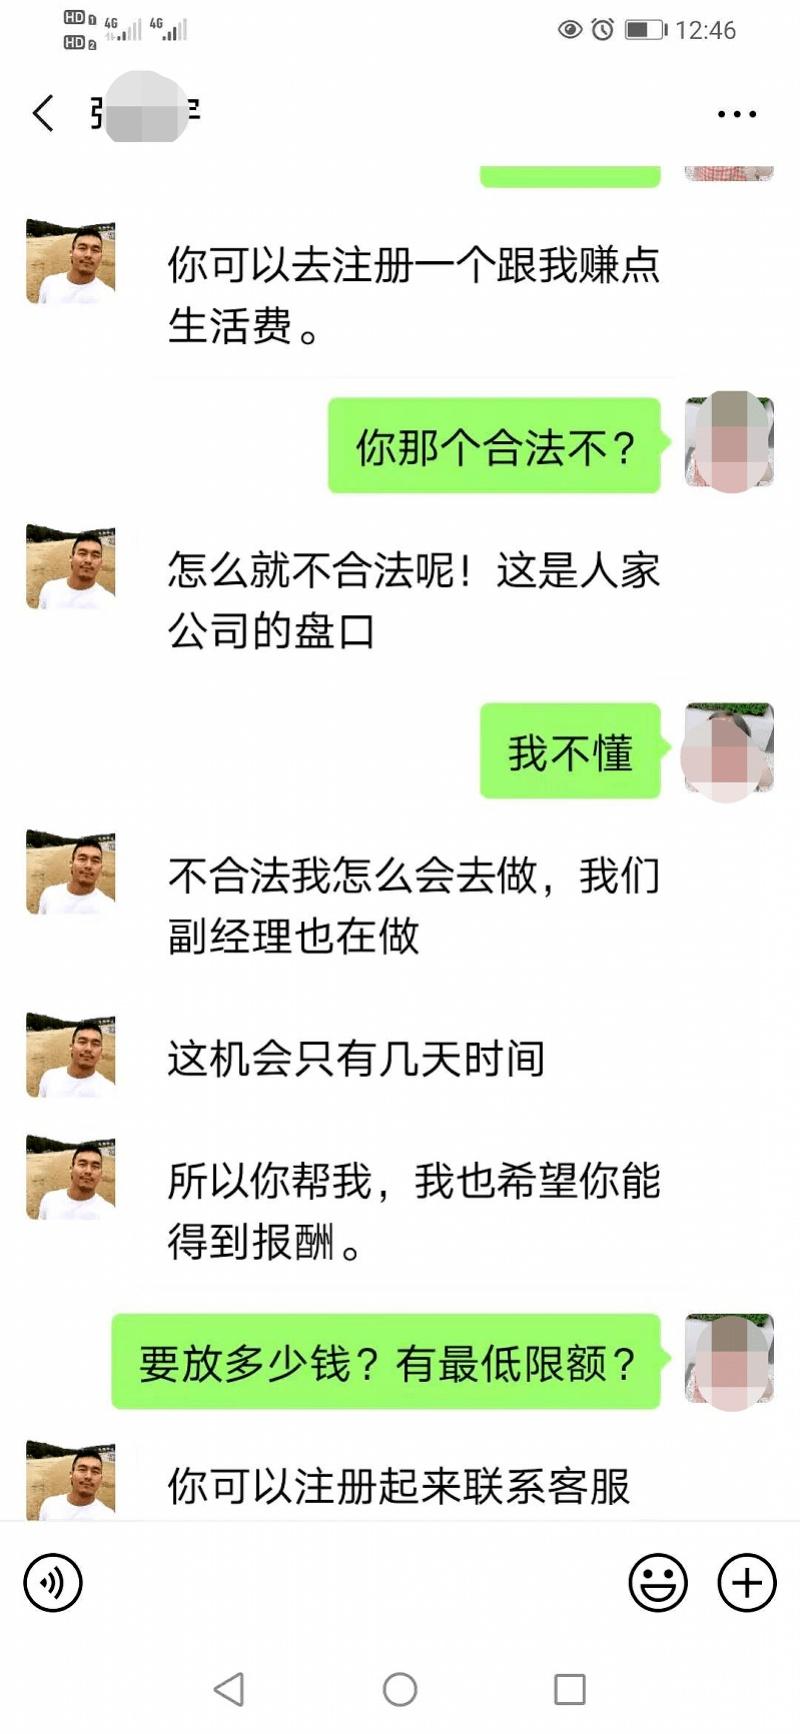 """电银付app使用教程(dianyinzhifu.com):陌陌正在吃光""""荷尔蒙""""经济最后一碗饭? 第3张"""